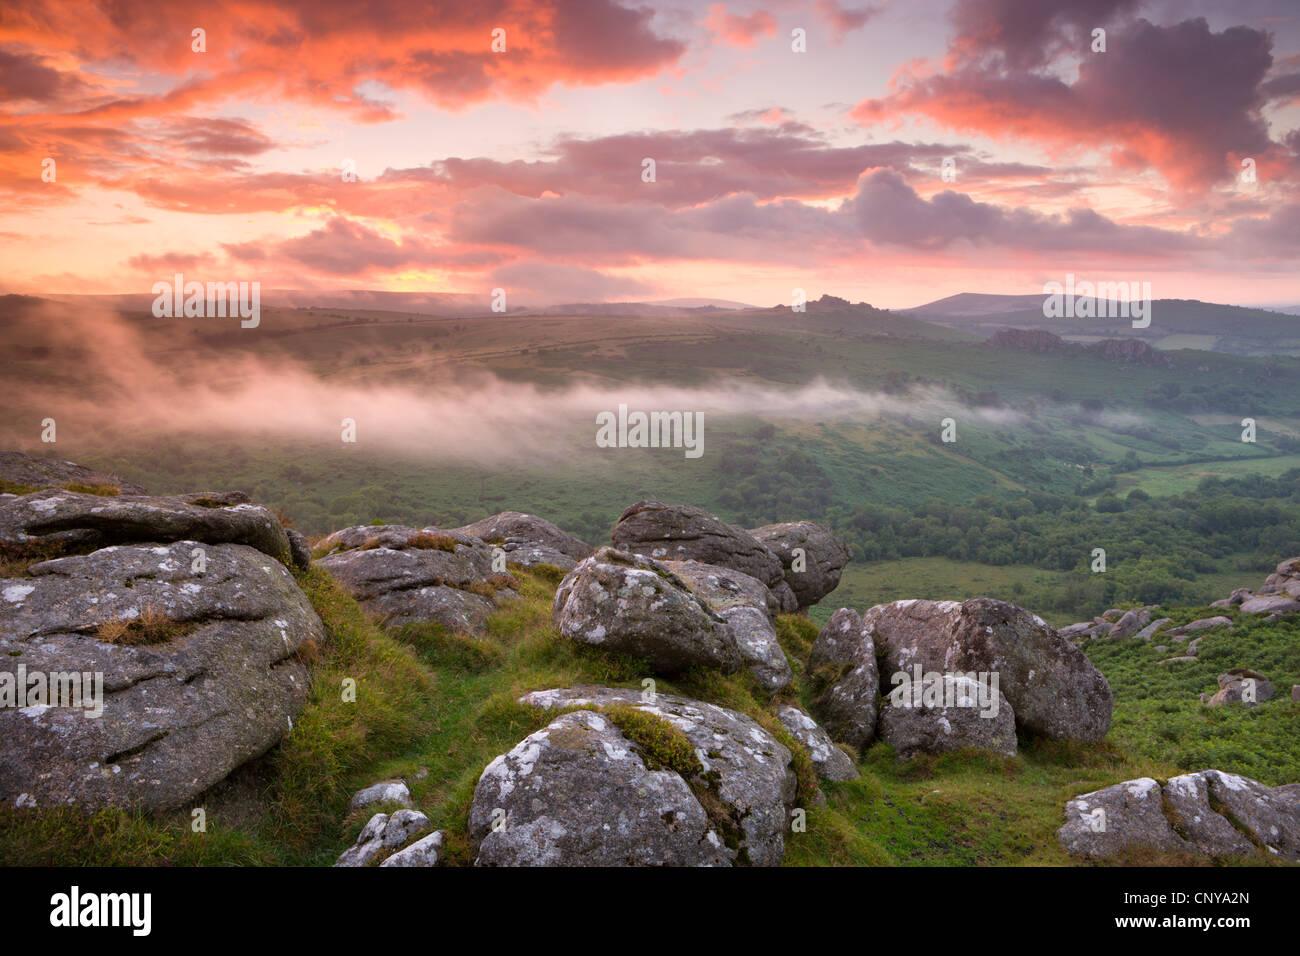 Por encima de una puesta de sol espectacular misty moorland cerca de Hound Tor, el parque nacional de Dartmoor, Imagen De Stock